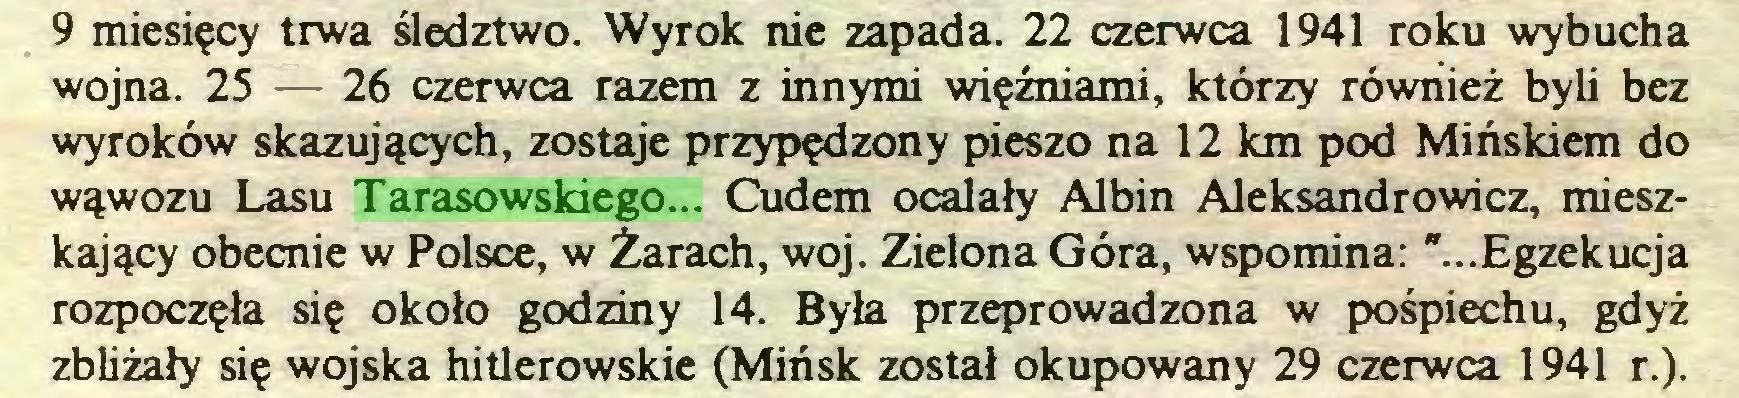 """(...) 9 miesięcy trwa śledztwo. Wyrok nie zapada. 22 czerwca 1941 roku wybucha wojna. 25 — 26 czerwca razem z innymi więźniami, którzy również byli bez wyroków skazujących, zostaje przypędzony pieszo na 12 km pod Mińskiem do wąwozu Lasu Tarasowskiego... Cudem ocalały Albin Aleksandrowicz, mieszkający obecnie w Polsce, w Żarach, woj. Zielona Góra, wspomina: """"...Egzekucja rozpoczęła się około godziny 14. Była przeprowadzona w pośpiechu, gdyż zbliżały się wojska hitlerowskie (Mińsk został okupowany 29 czerwca 1941 r.)..."""